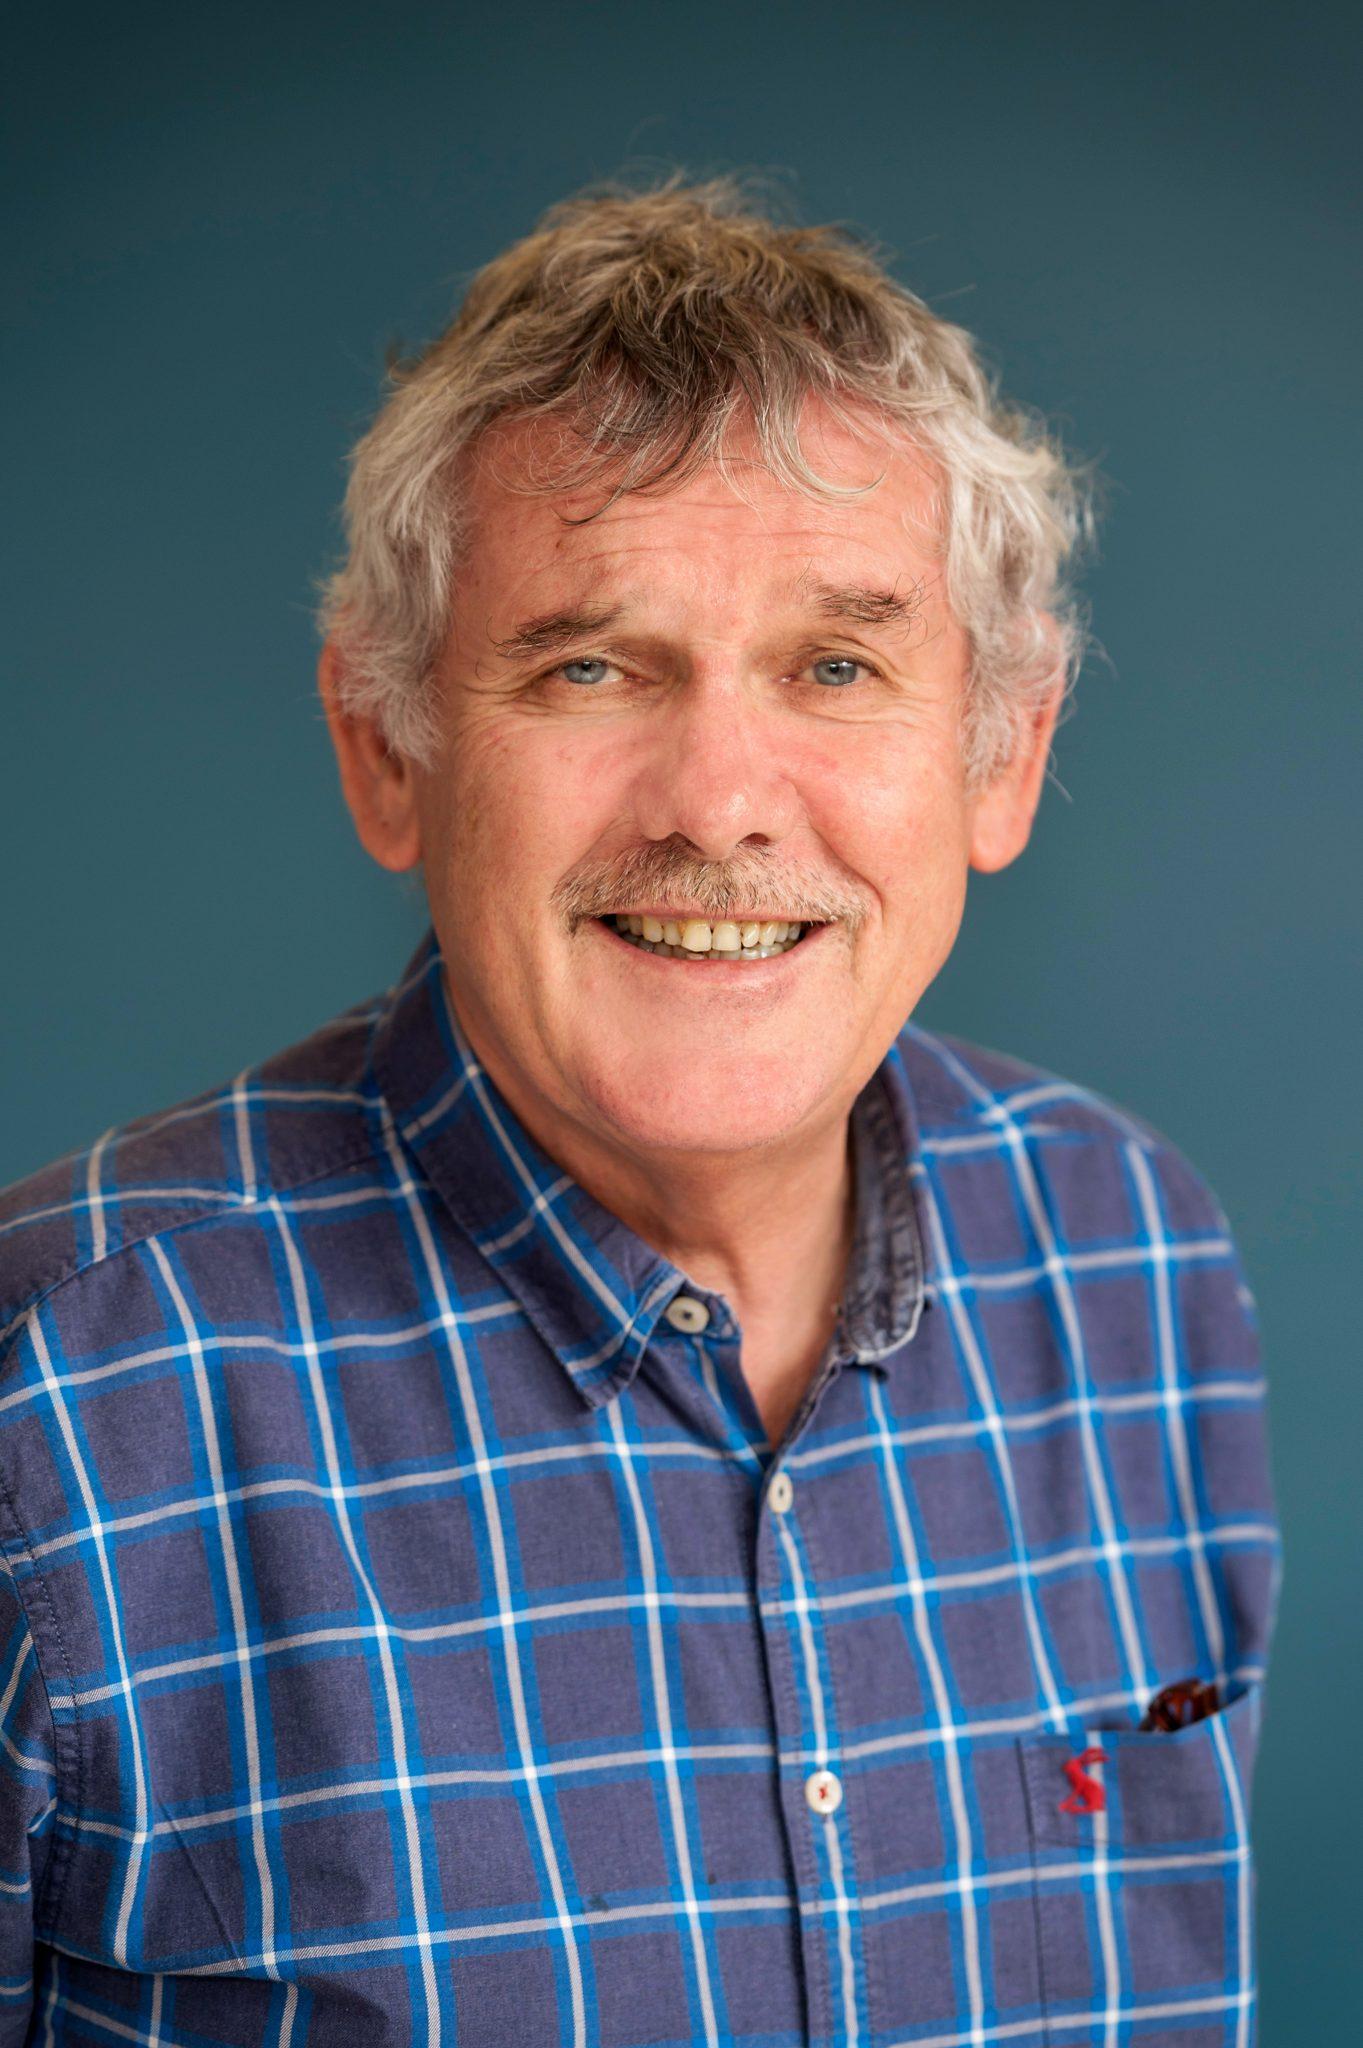 Joe McGrane